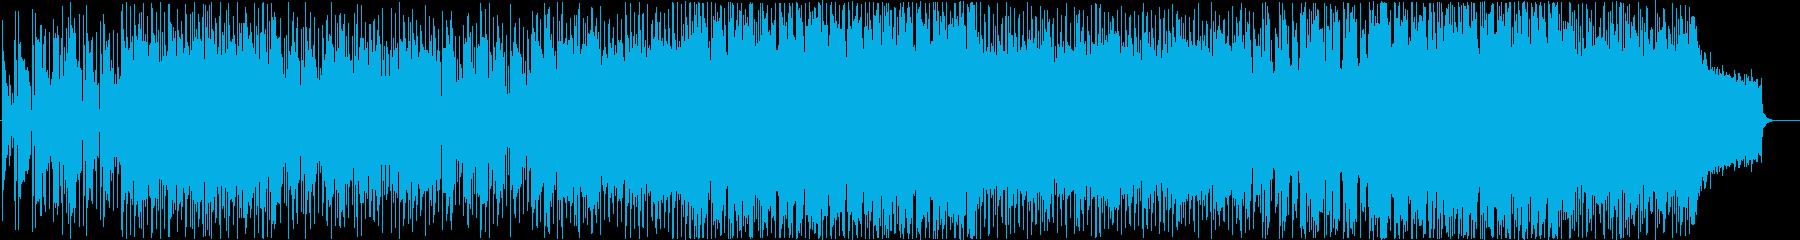 80年代風キラキラなダンスポップ Vo有の再生済みの波形